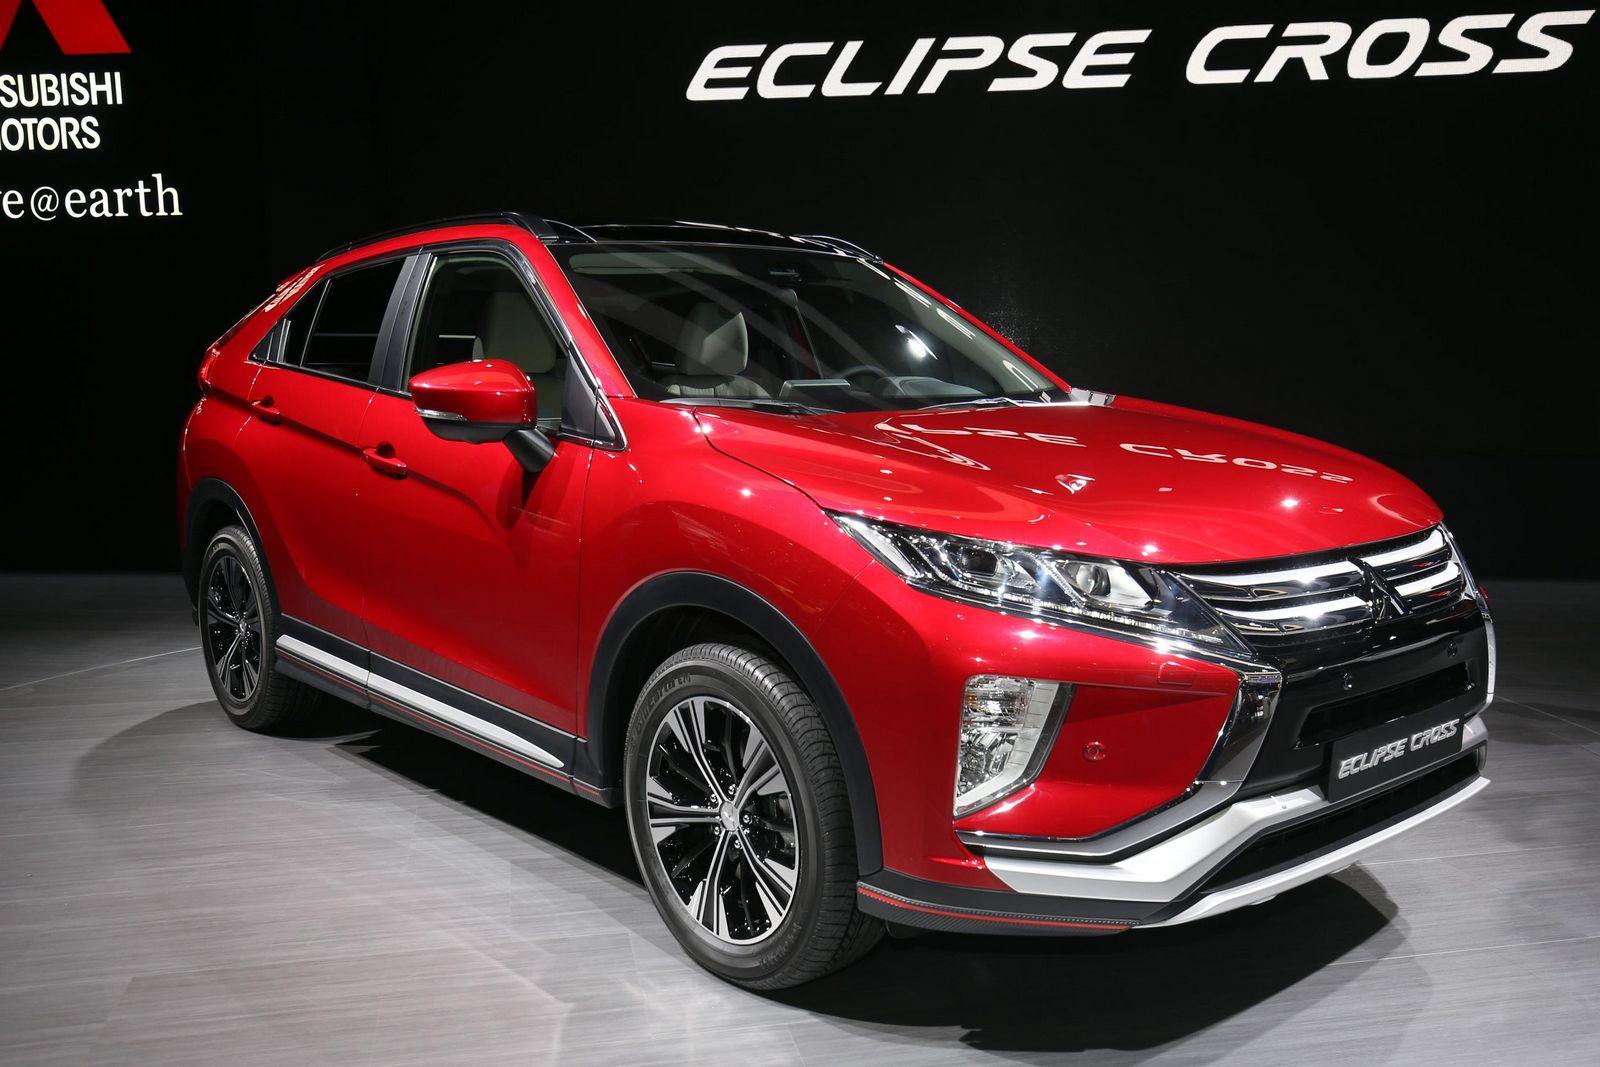 Chiếc Mitsubishi Eclipse Sport 2018 sắp ra mắt có gì đặc biệt?